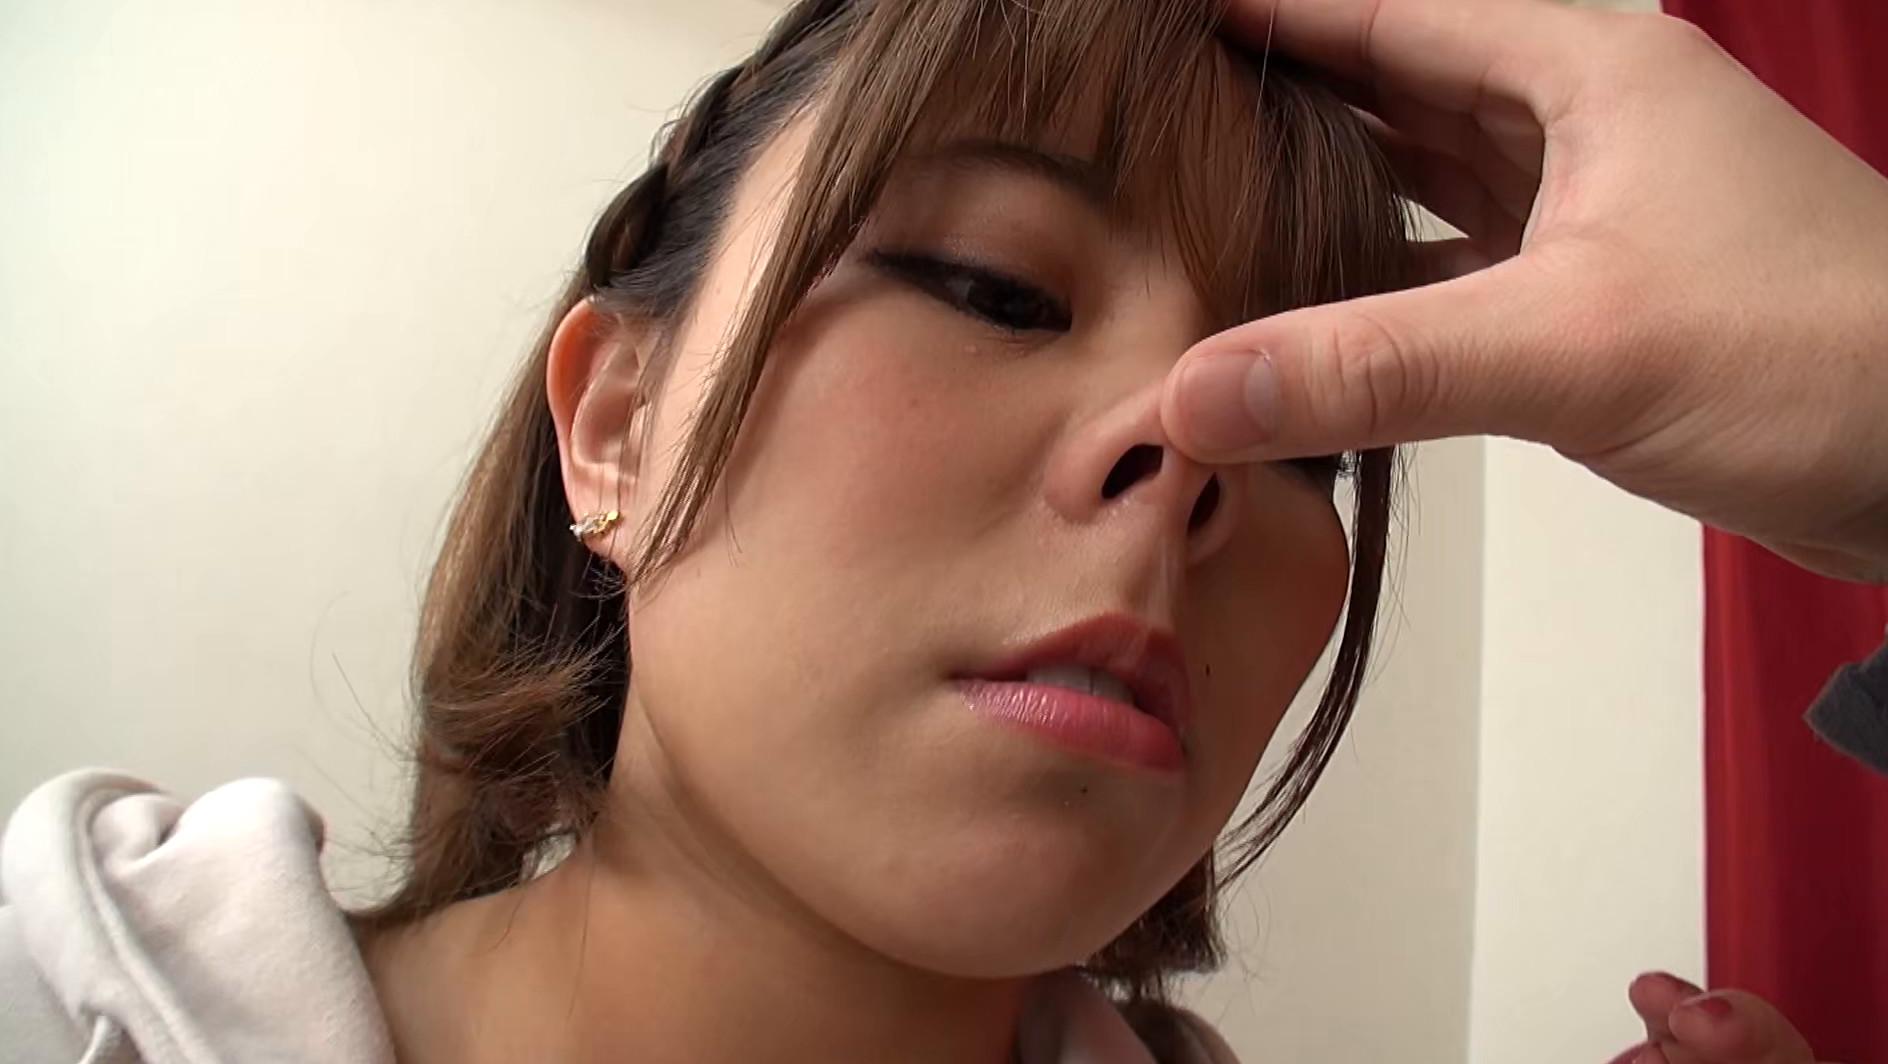 強制鼻フック牝豚鼻ザーメン 画像1